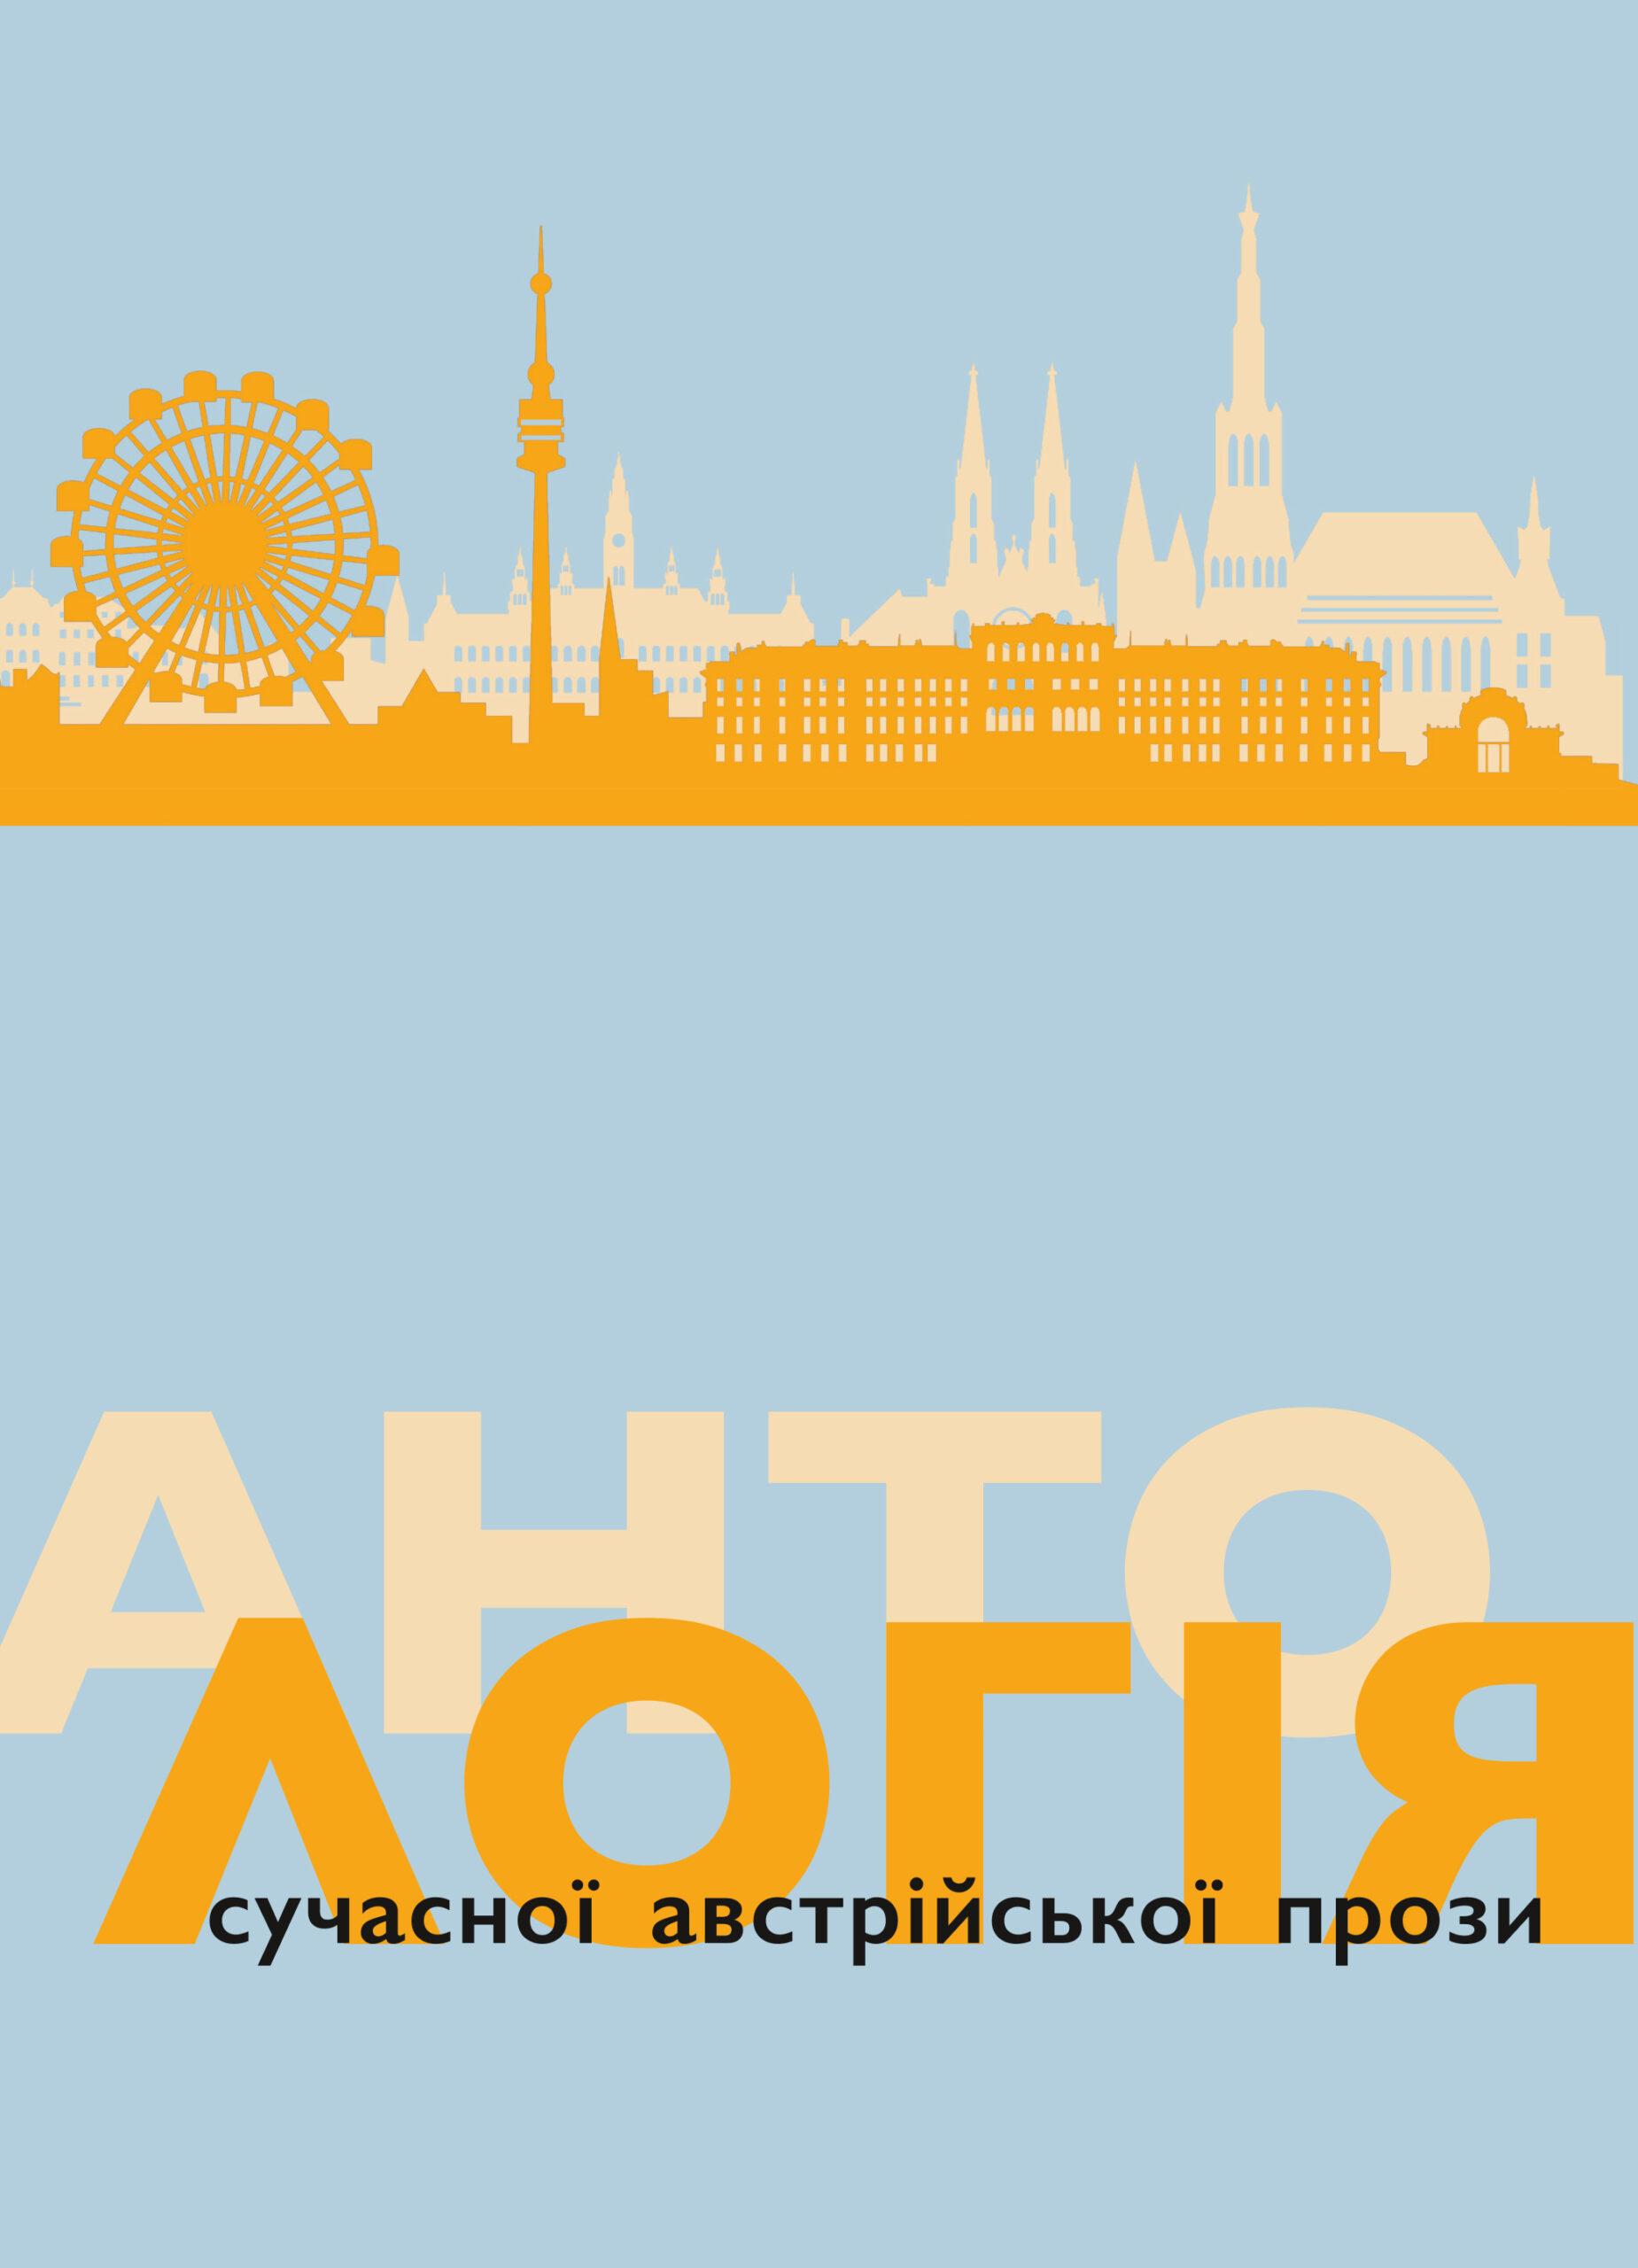 Антологія сучасної австрійської прози